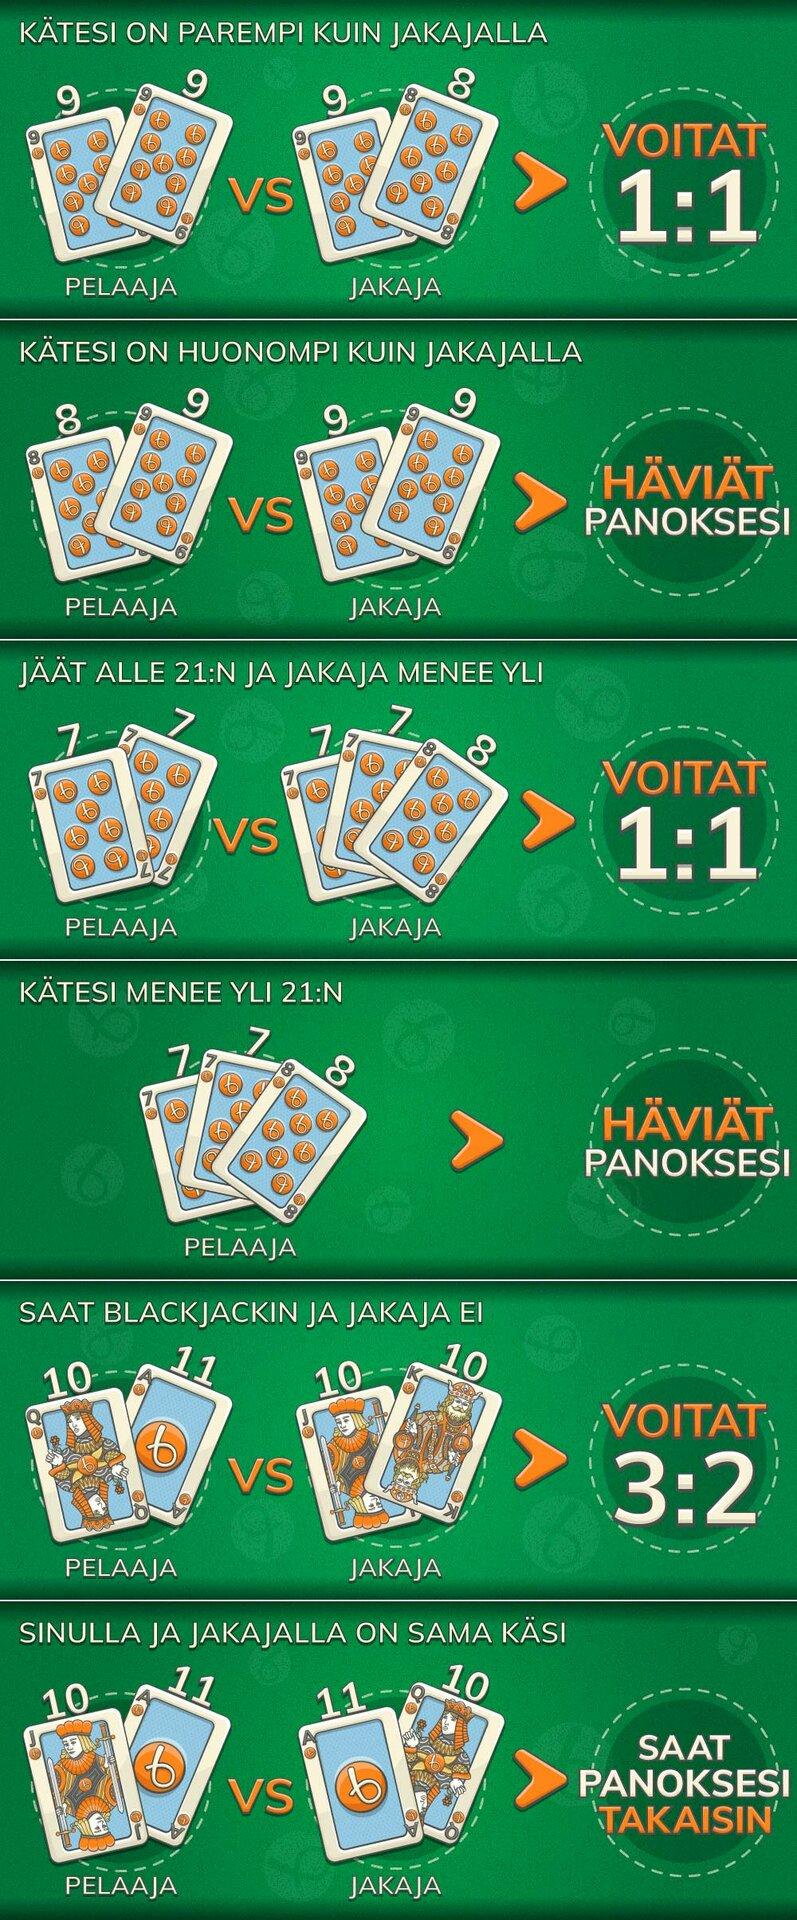 Blackjackin voitot ja häviöt infograafi